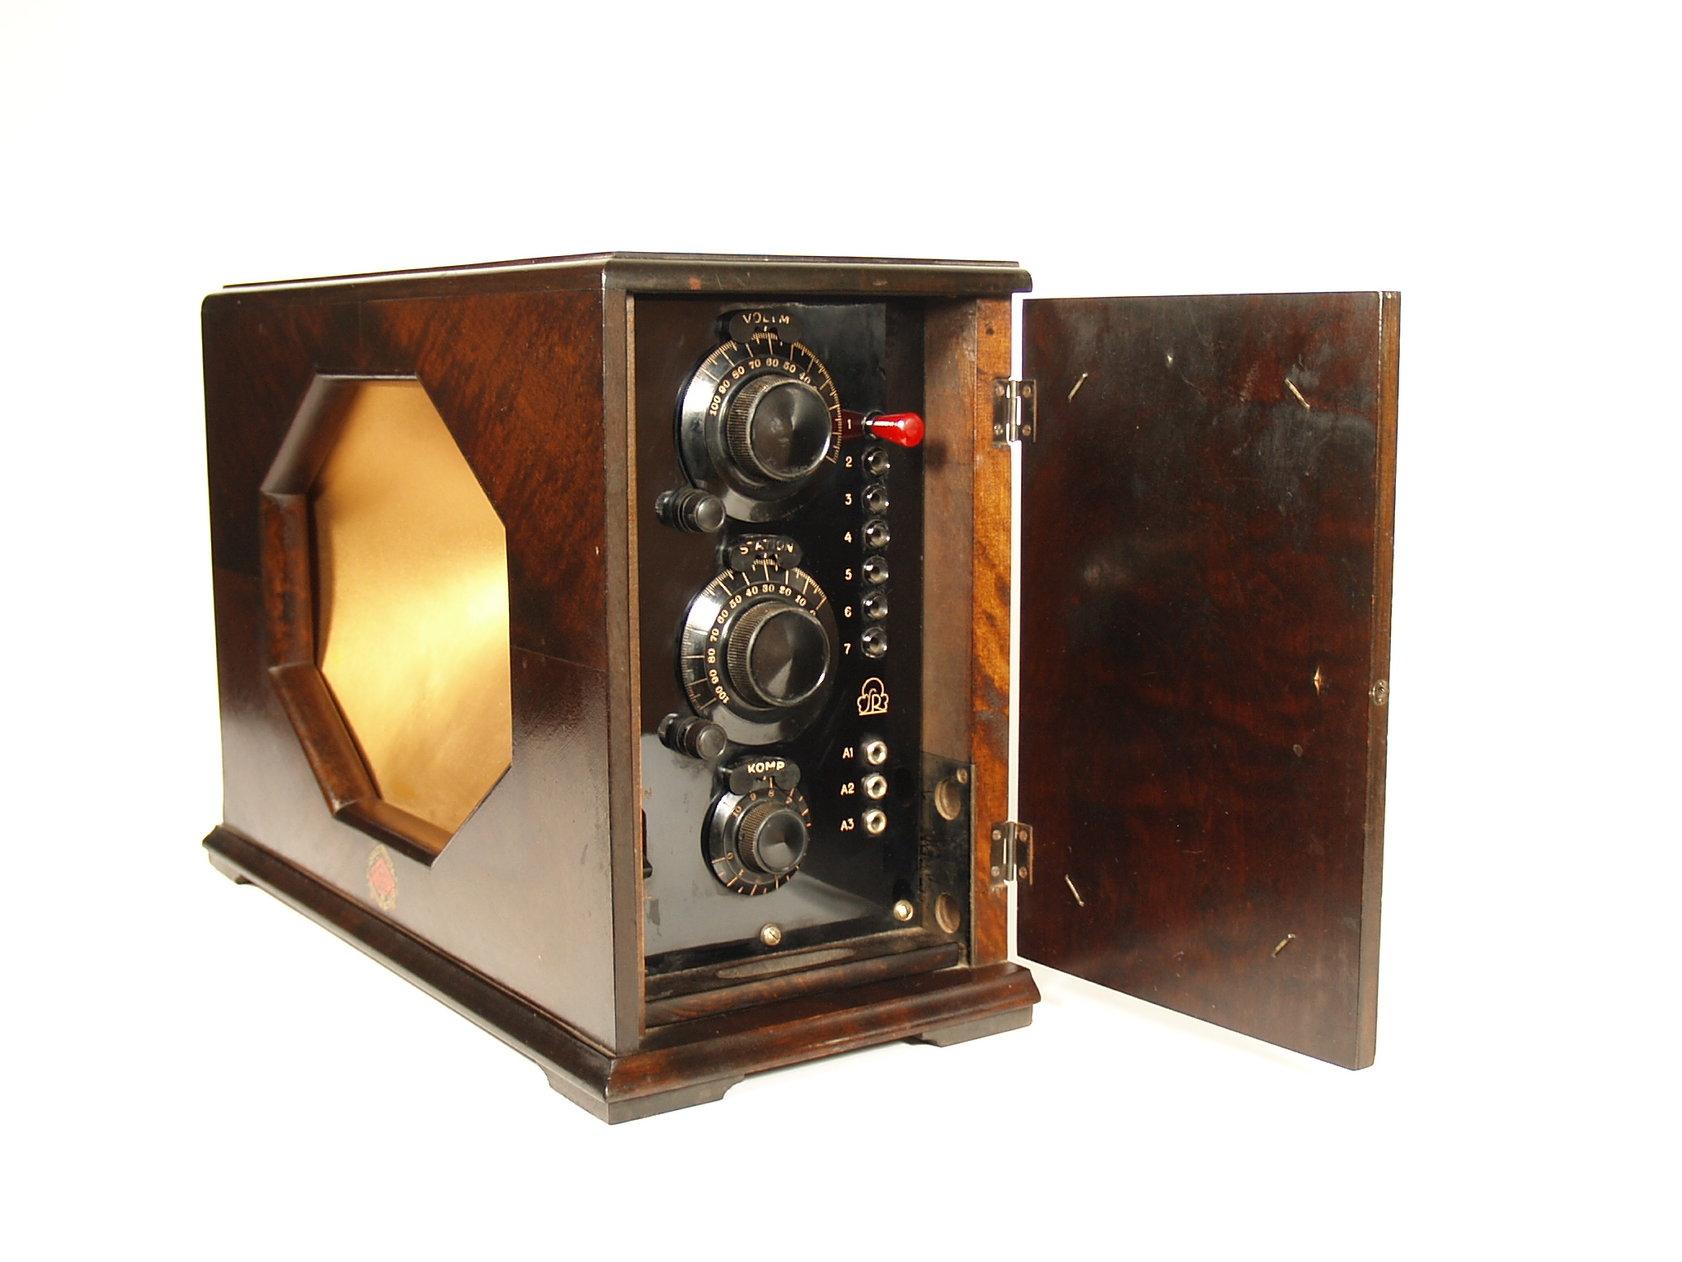 Radiola HLL 120